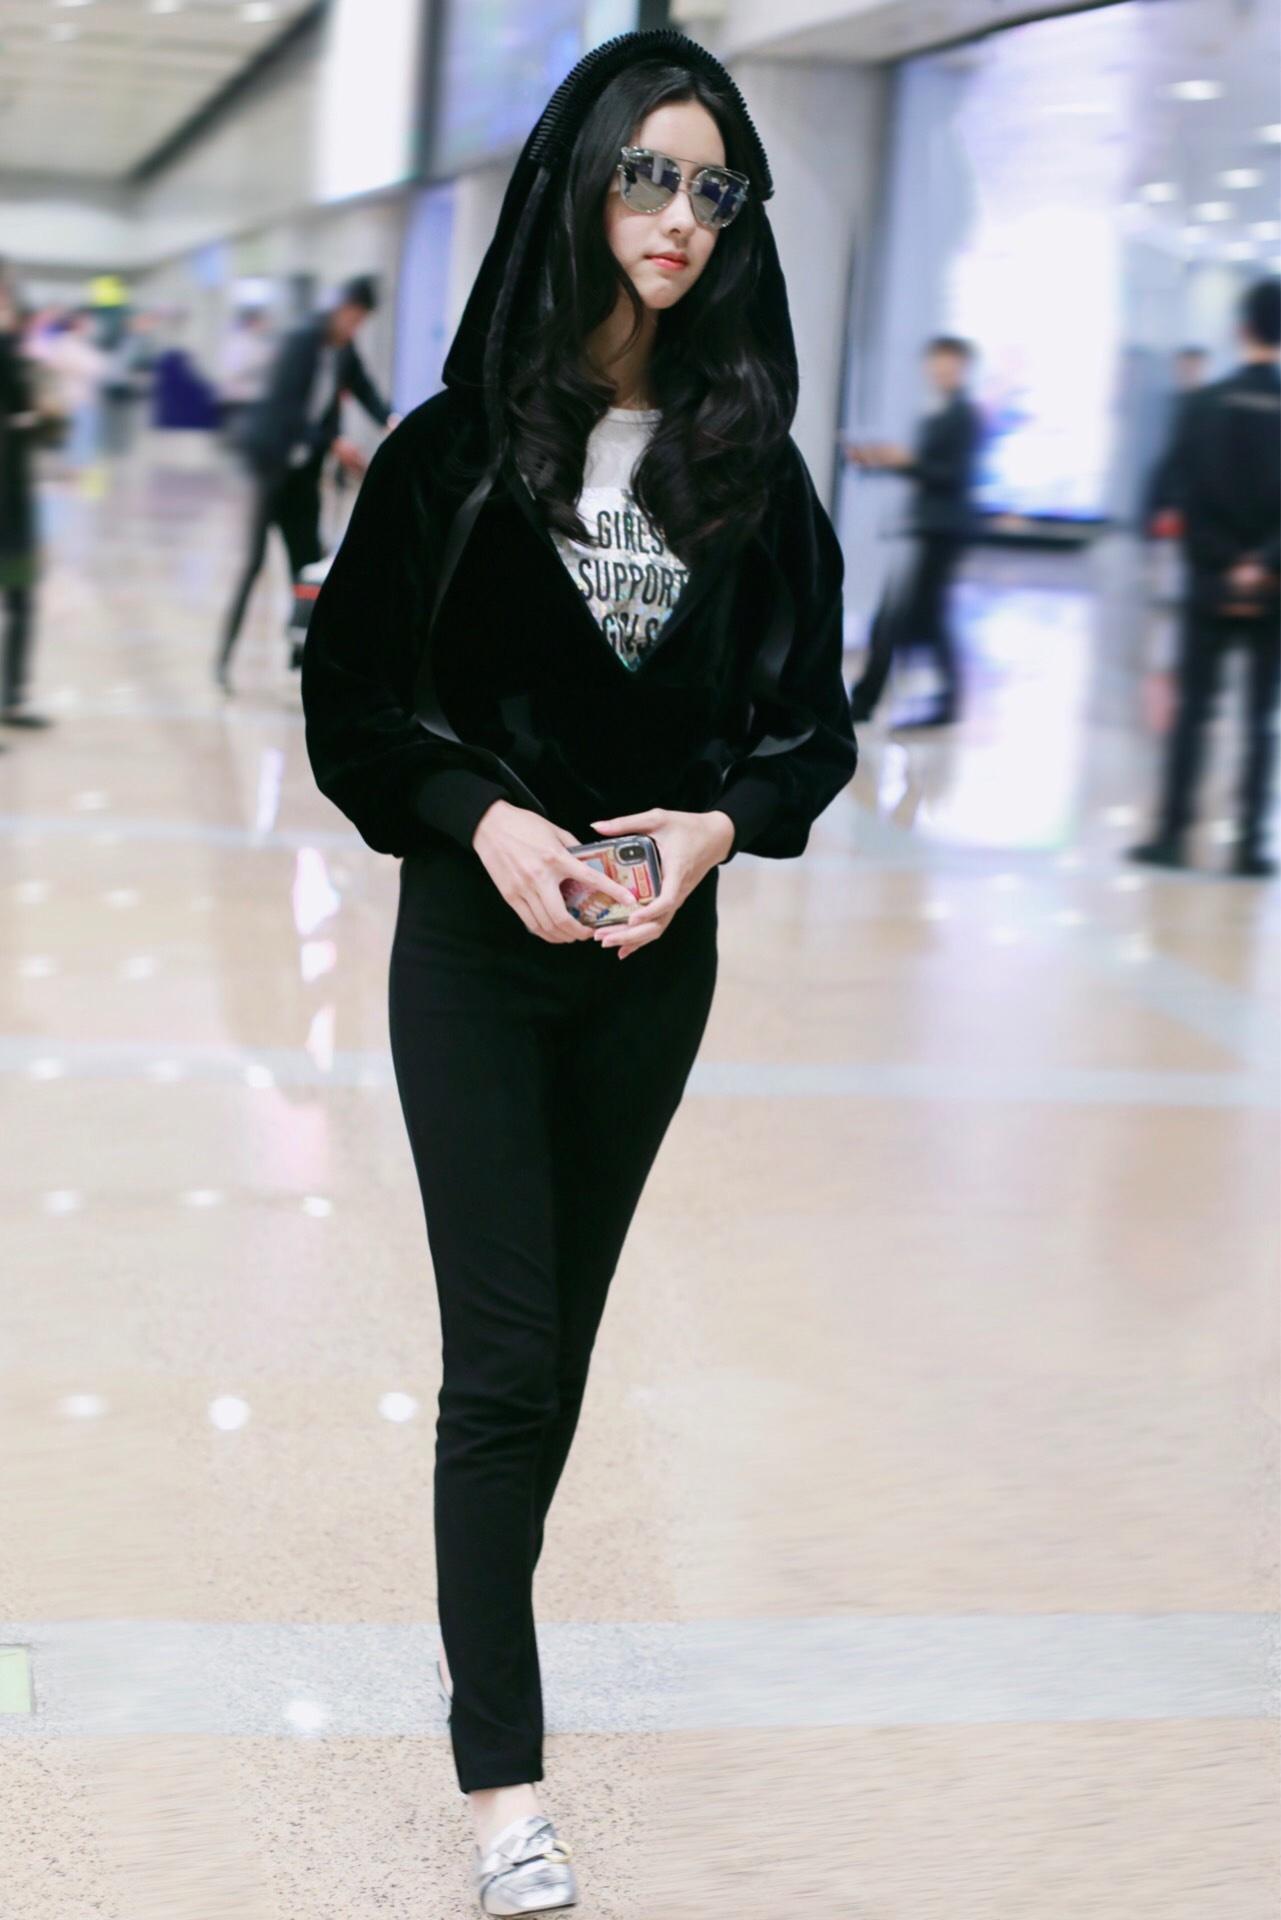 陈都灵一身黑走机场,身材显单薄,网友 和章泽天越来越像了